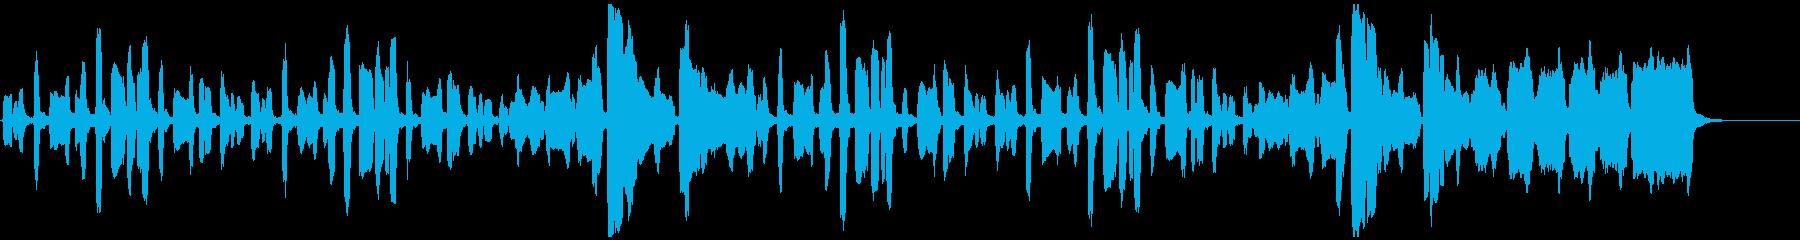 リコーダーのちょっぴり切ない曲の再生済みの波形